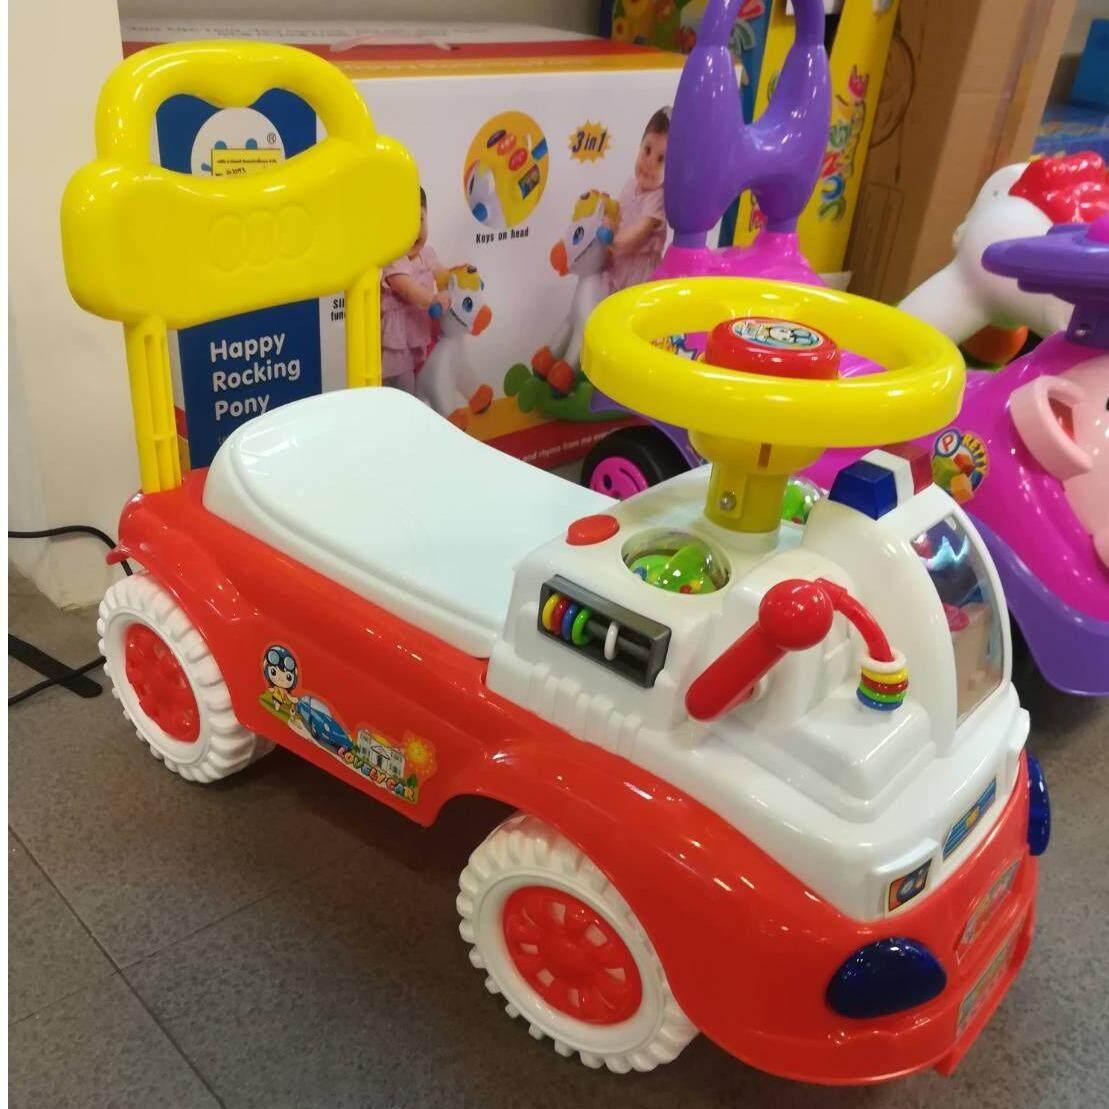 ราคา Natchavee รถขาไถ รถของเล่นเด็ก มีเสียงเพลง รุ่นDeluxe Baby ฝึกทักษะการเดินและทรงตัวเด็ก เป็นต้นฉบับ Natchavee